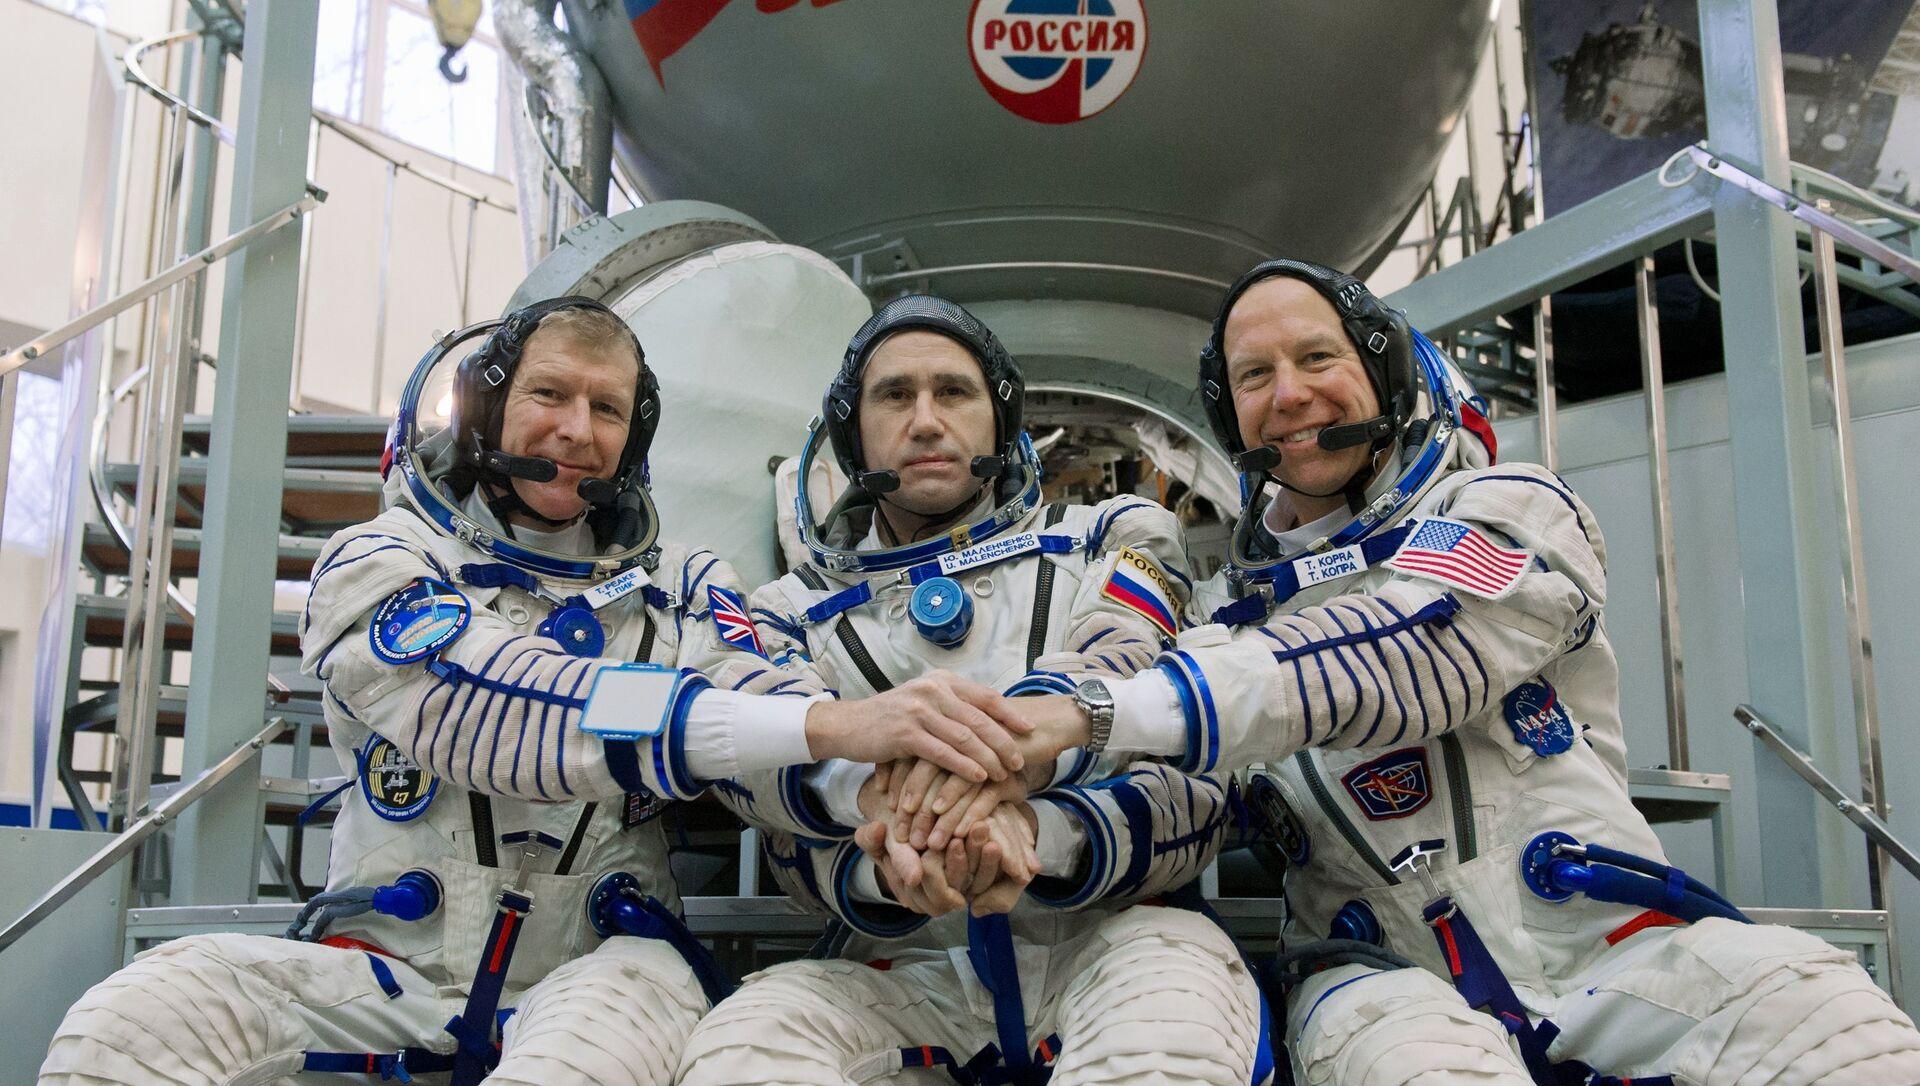 ISS Expedition 46/47 trong đào tạo - Sputnik Việt Nam, 1920, 19.06.2021